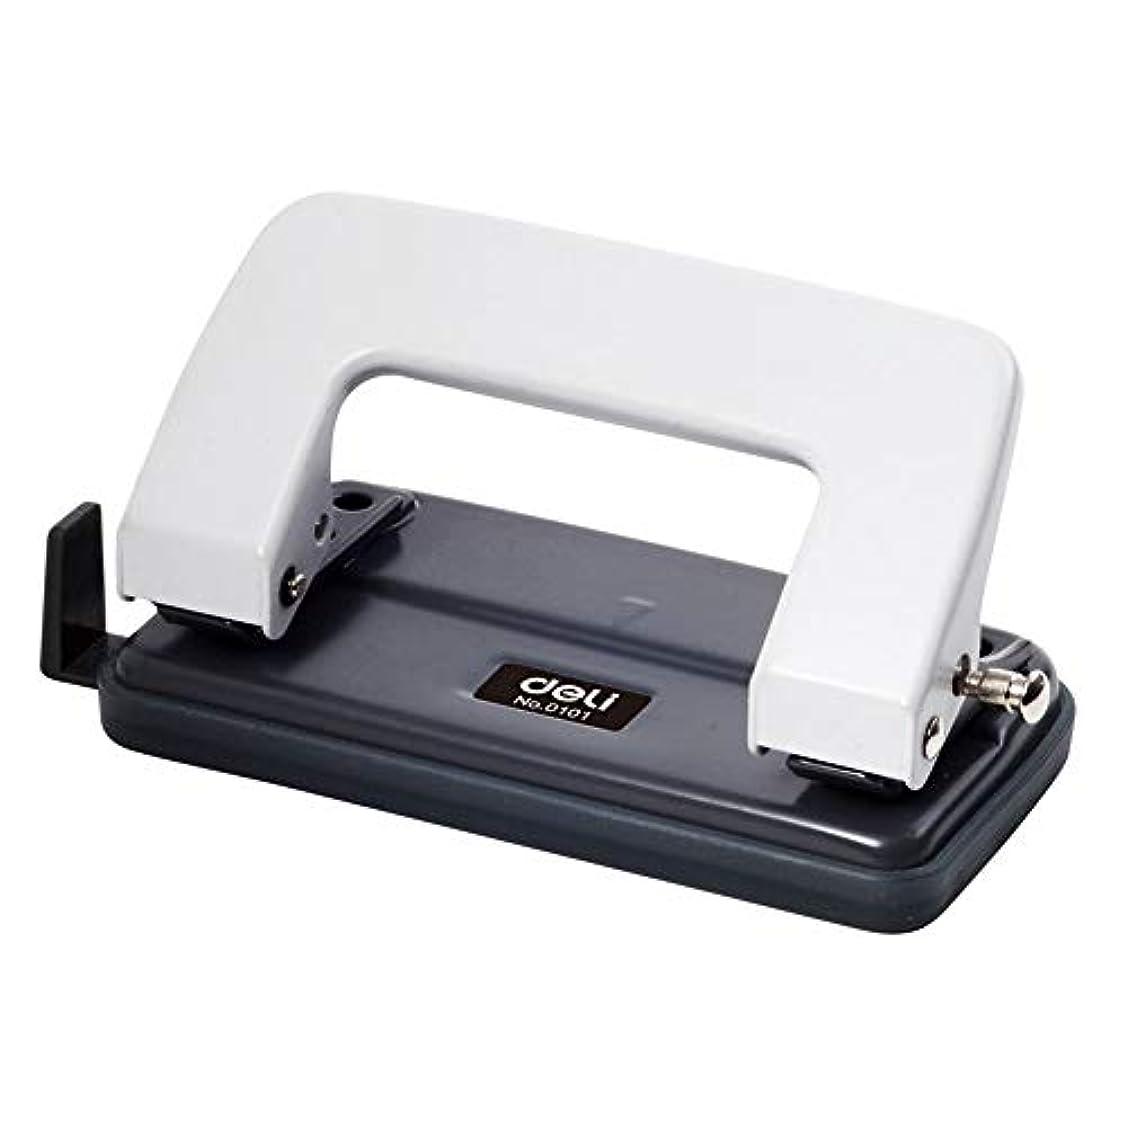 思想信条センターオフィスパンチングマシン 2穴のパンチ穴のマシンOffice文房具は12を打つことができます (色 : 白)